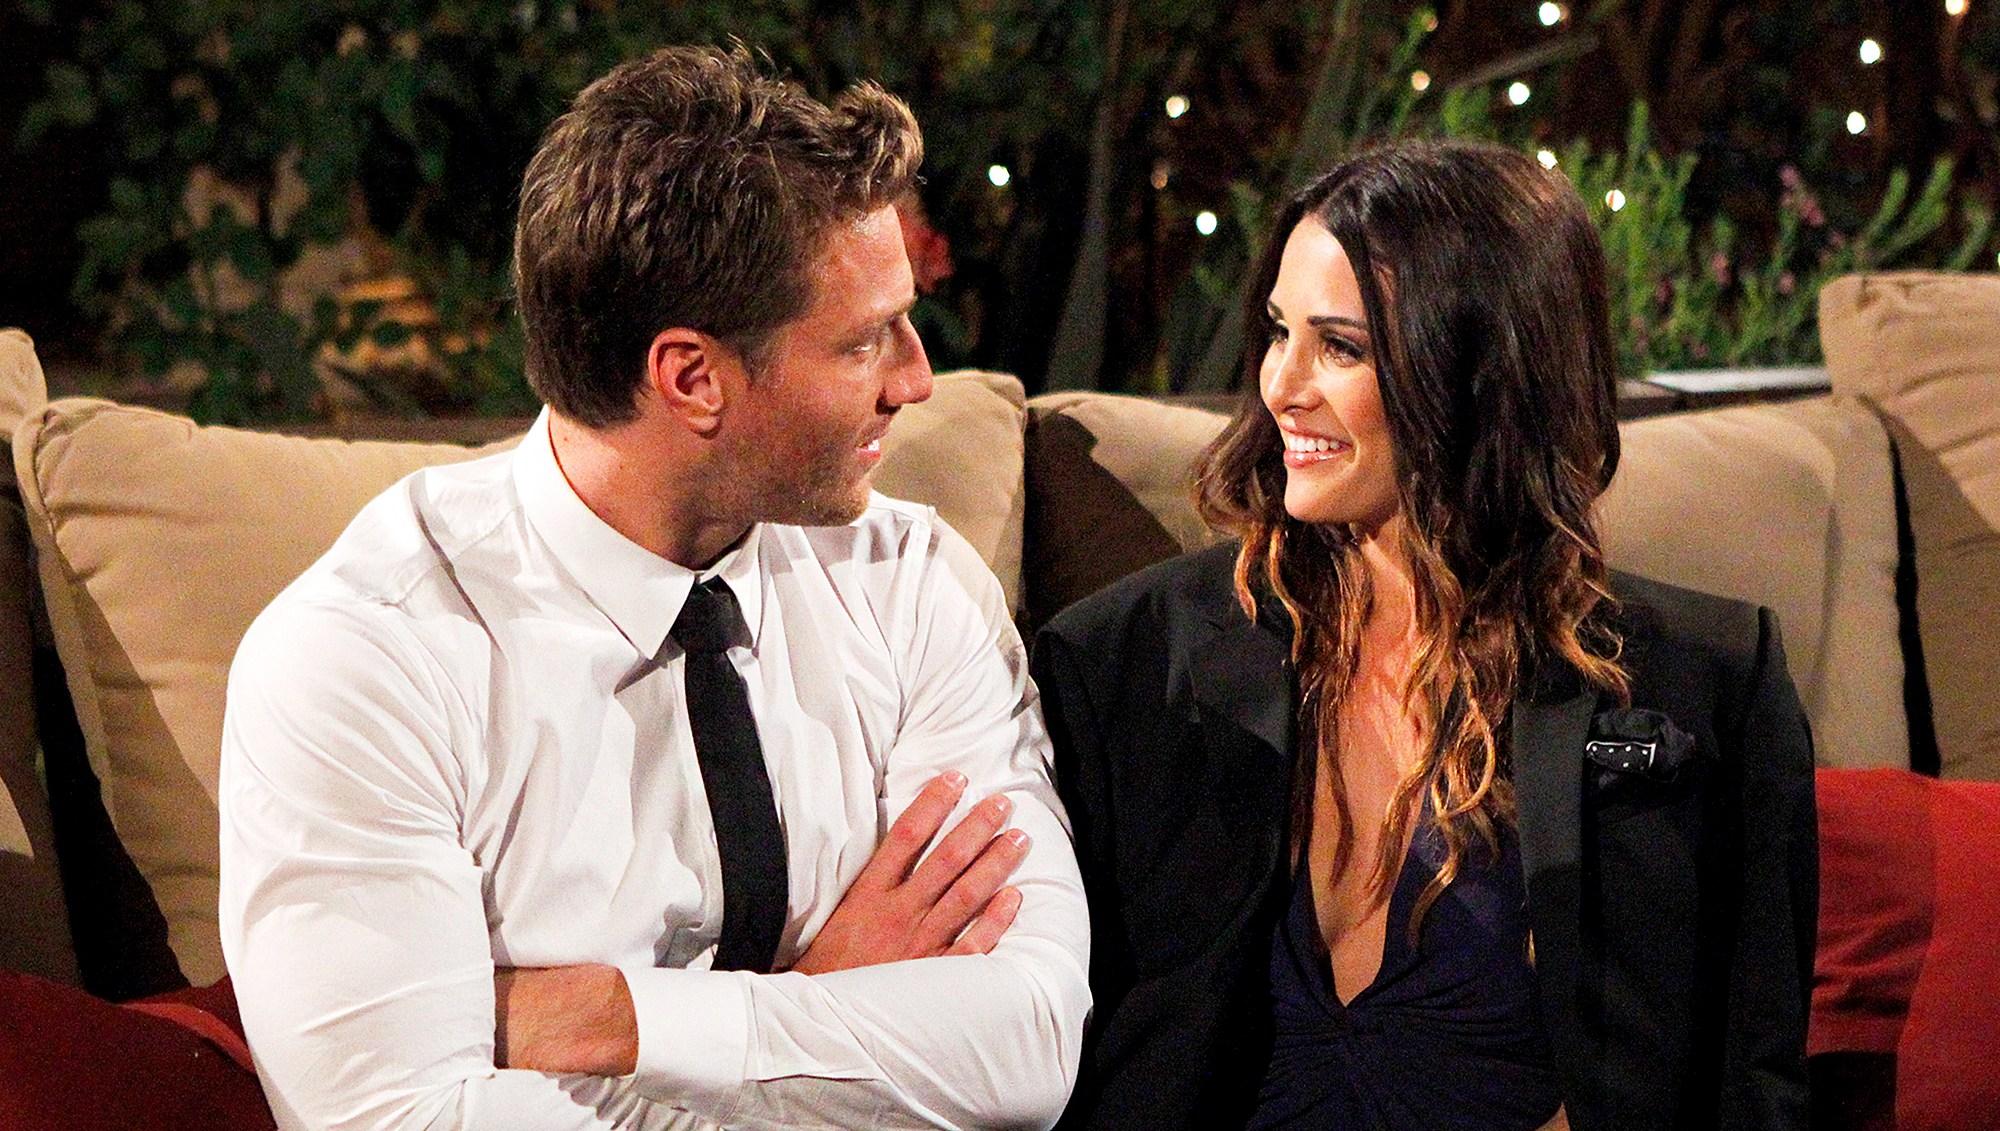 Juan Pablo Galavis and Andi Dorfman on 'The Bachelor'